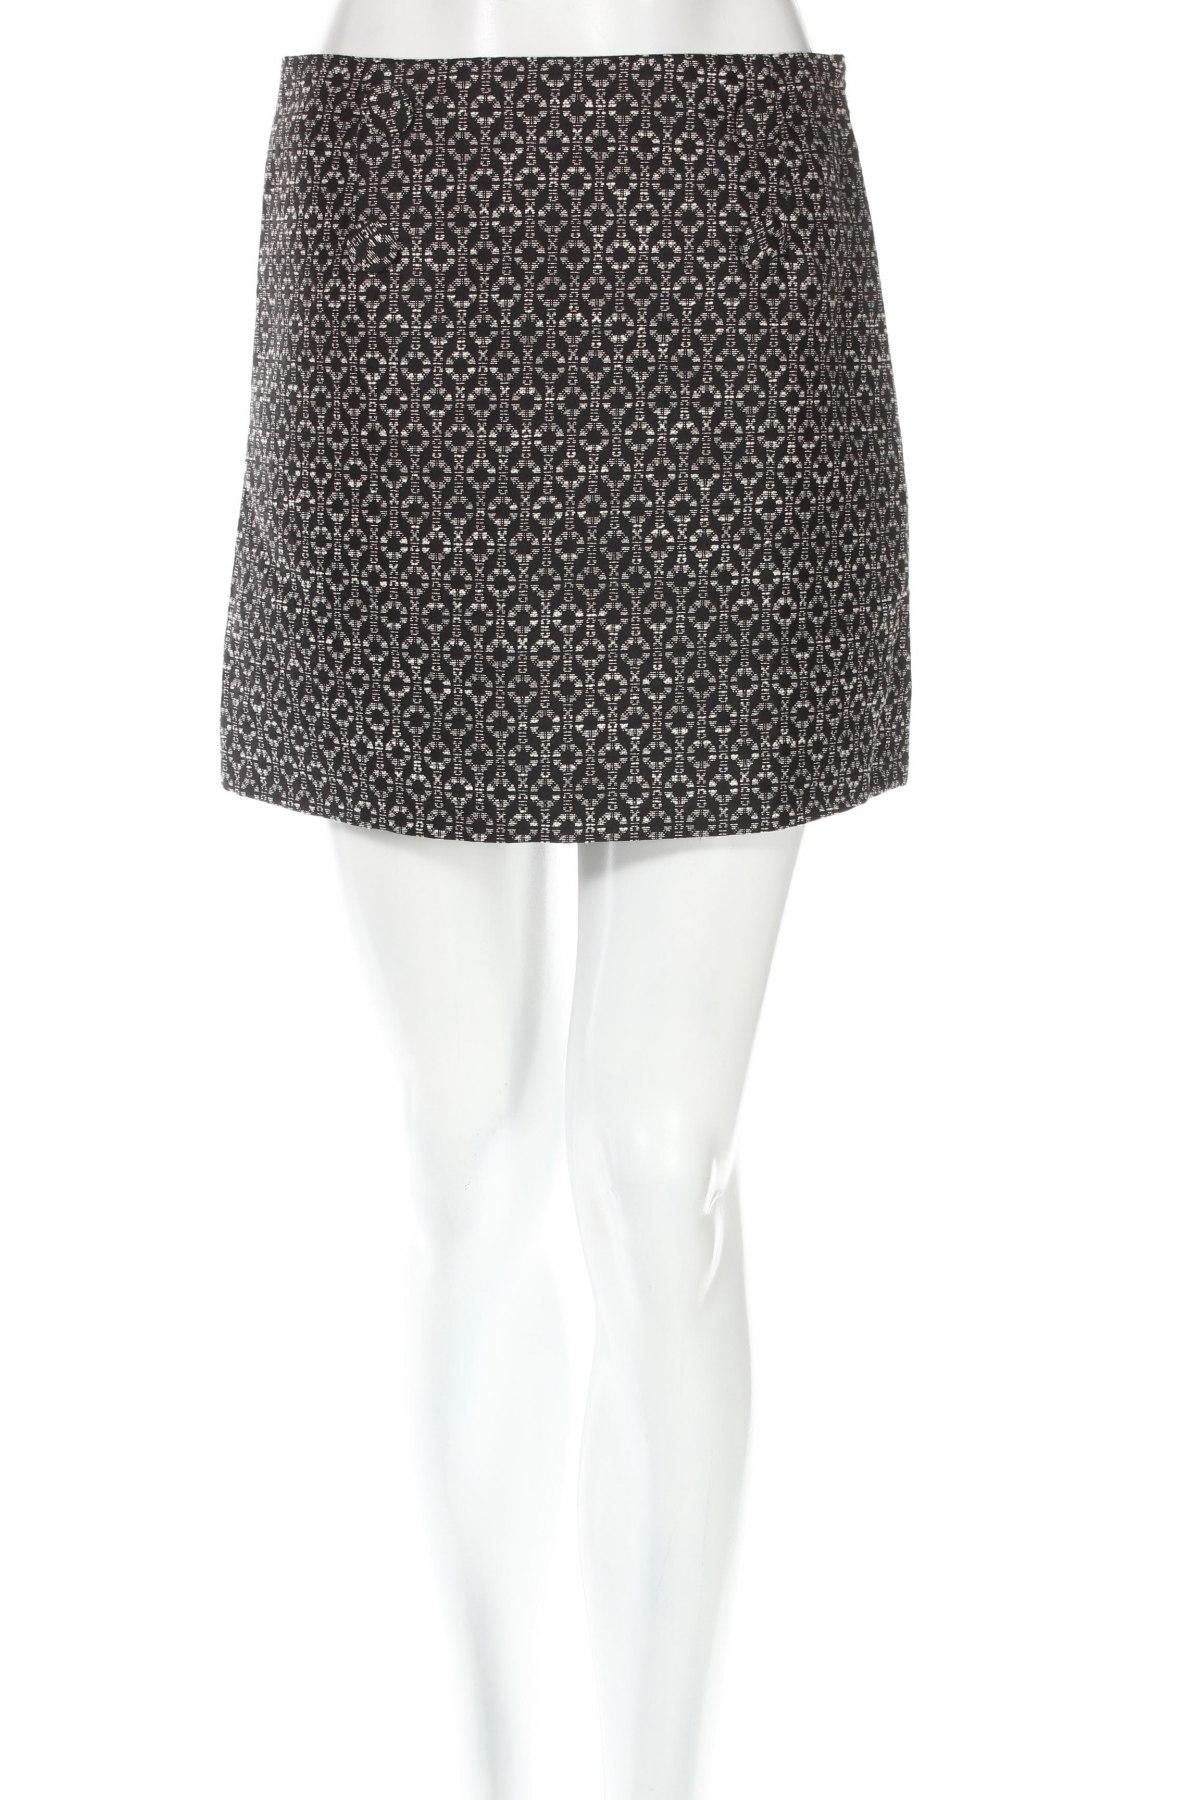 Φούστα La Redoute, Μέγεθος S, Χρώμα Μαύρο, 64% πολυεστέρας, 36% βαμβάκι, Τιμή 4,16€